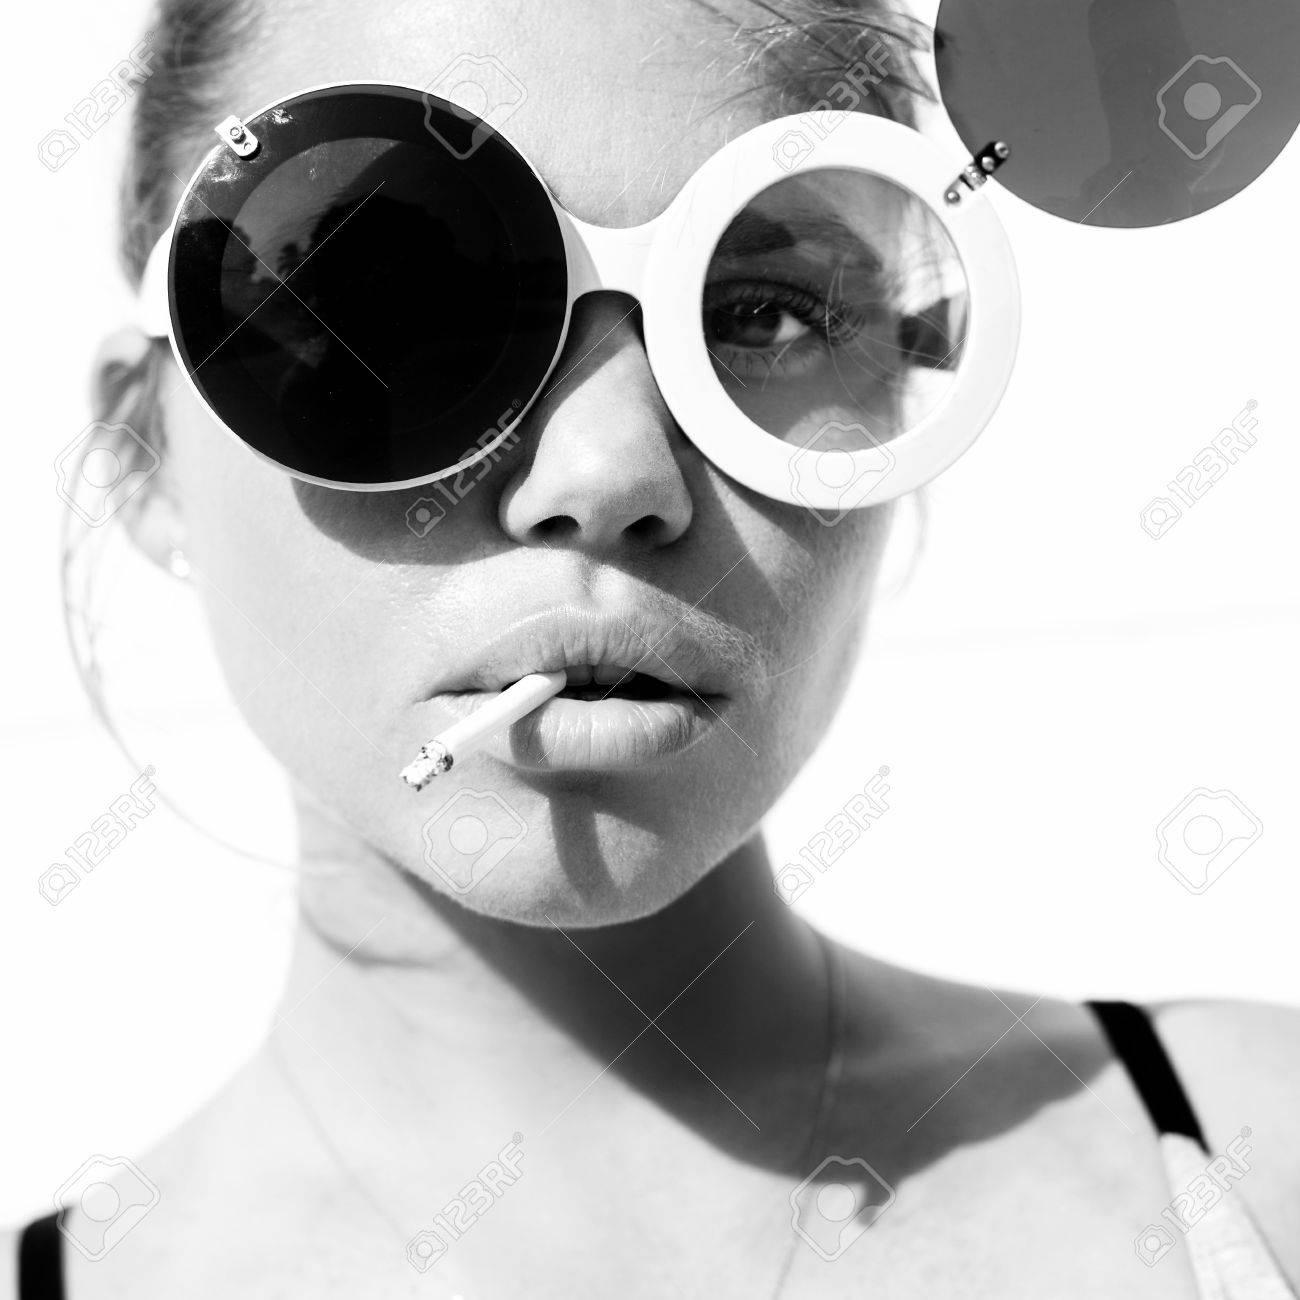 Banque d images - Close-up de la beauté fille dans lunettes de soleil  branchées avec la cigarette. Virage en noir et blanc. Fond blanc, pas isolé 7e8ae1faab41